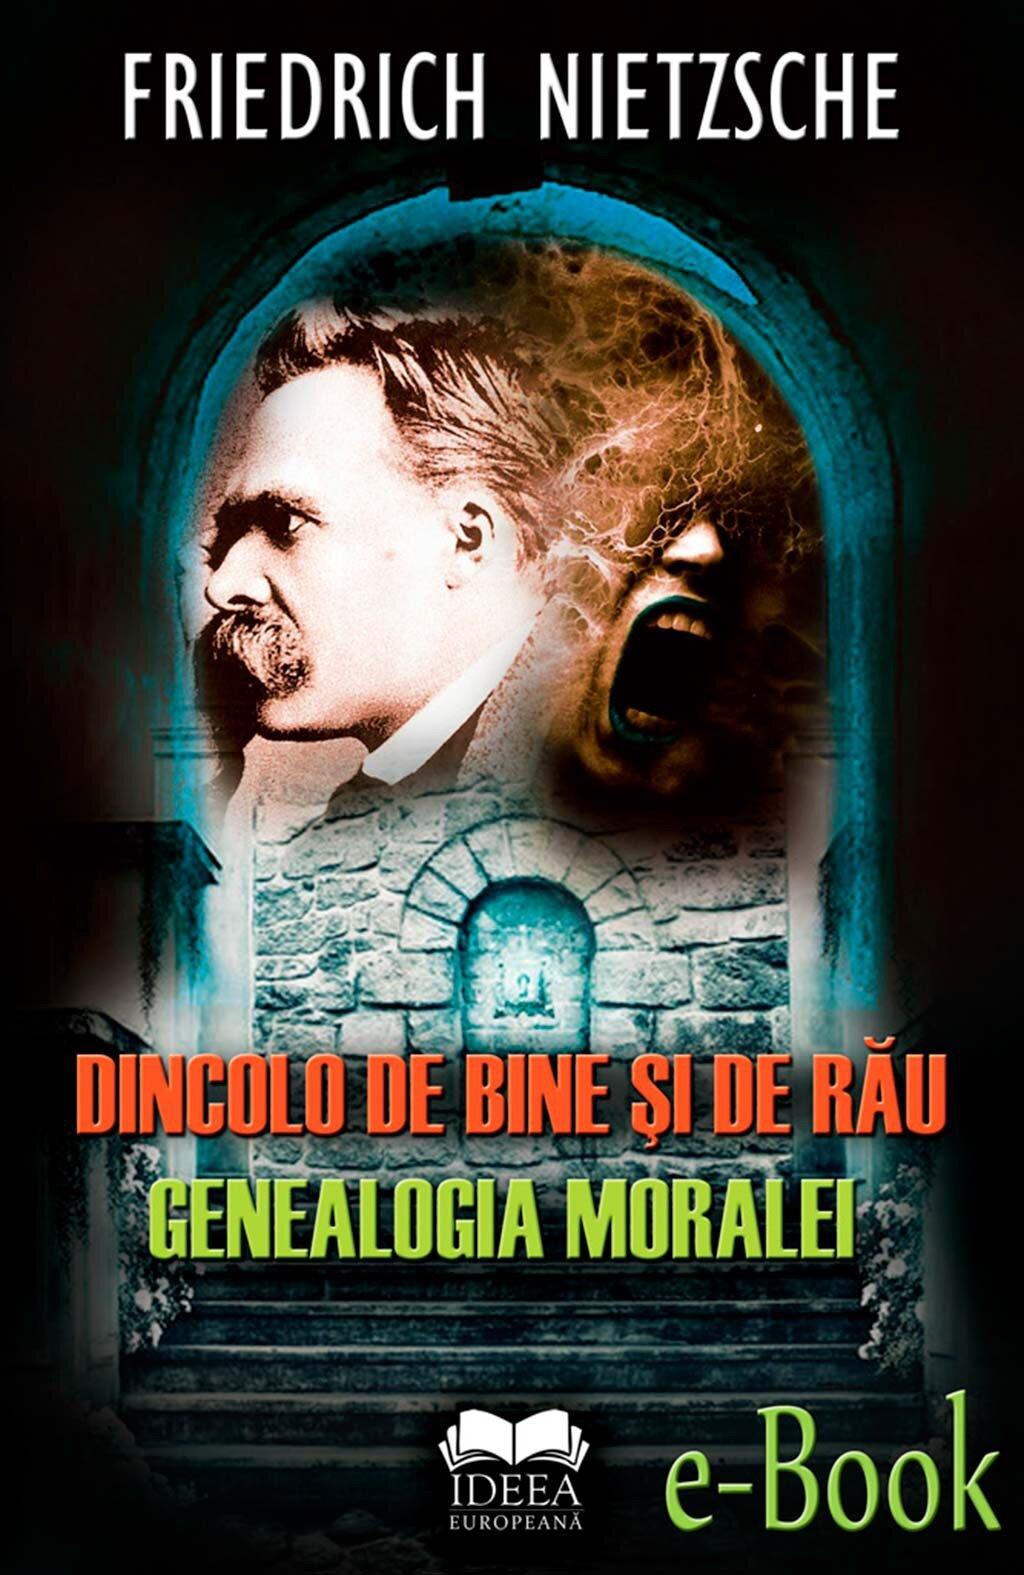 Dincolo de bine si de rau. Genealogia moralei (eBook)